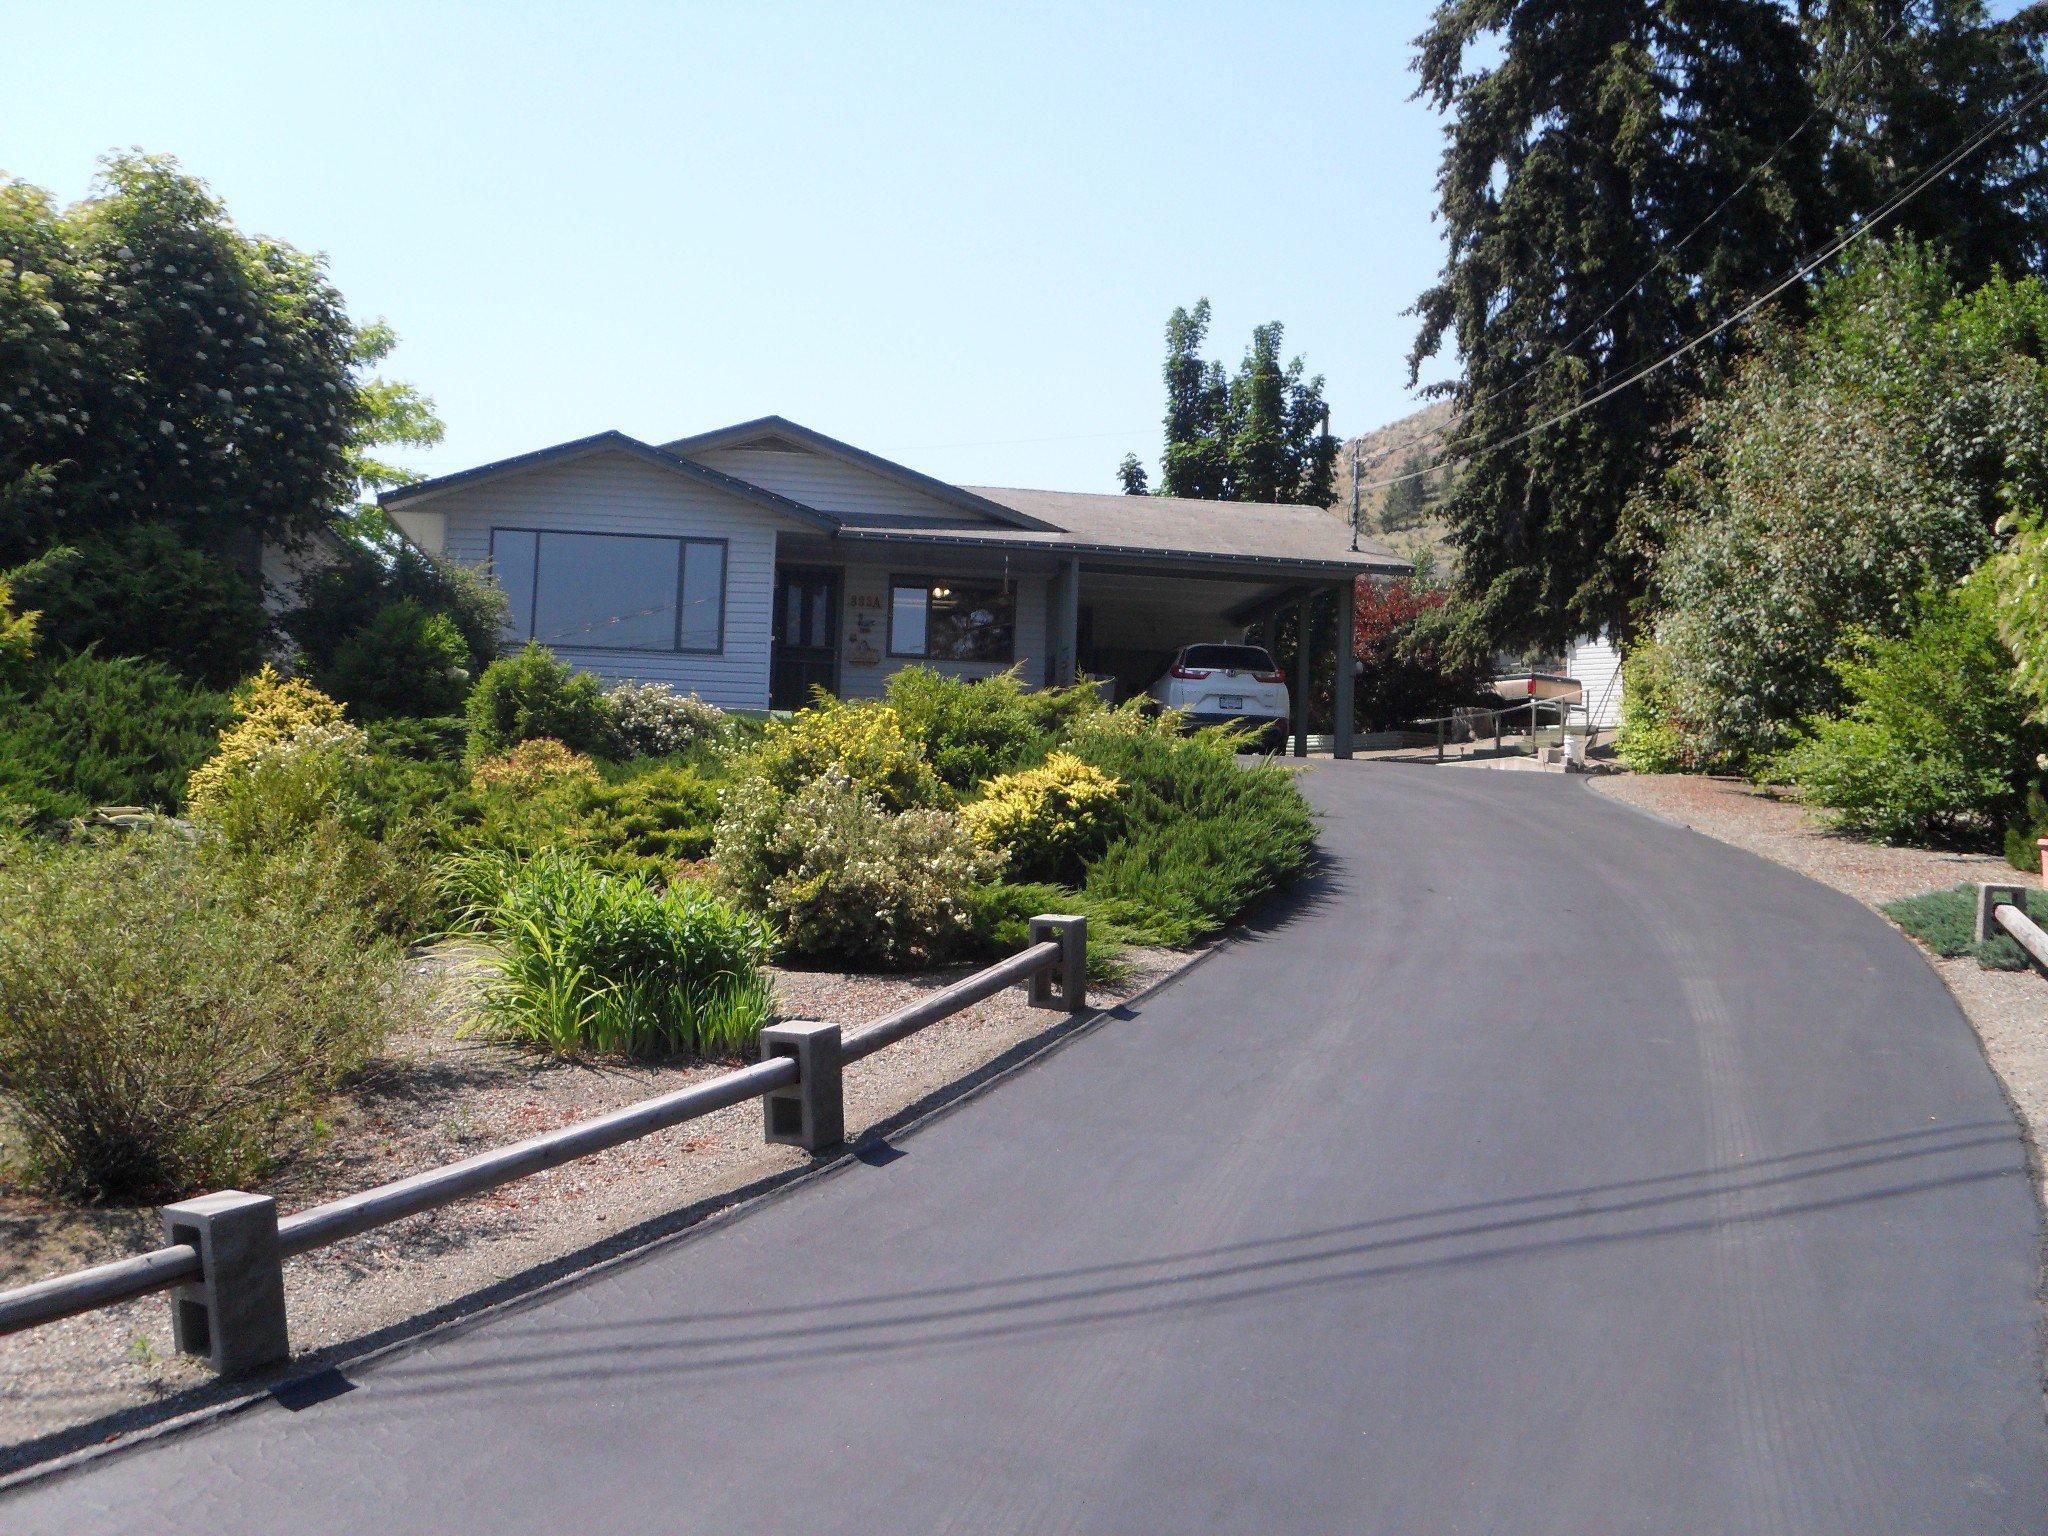 Main Photo: 893 A GREENACRES RD in KAMLOOPS: WESTSYDE House for sale : MLS®# 146710